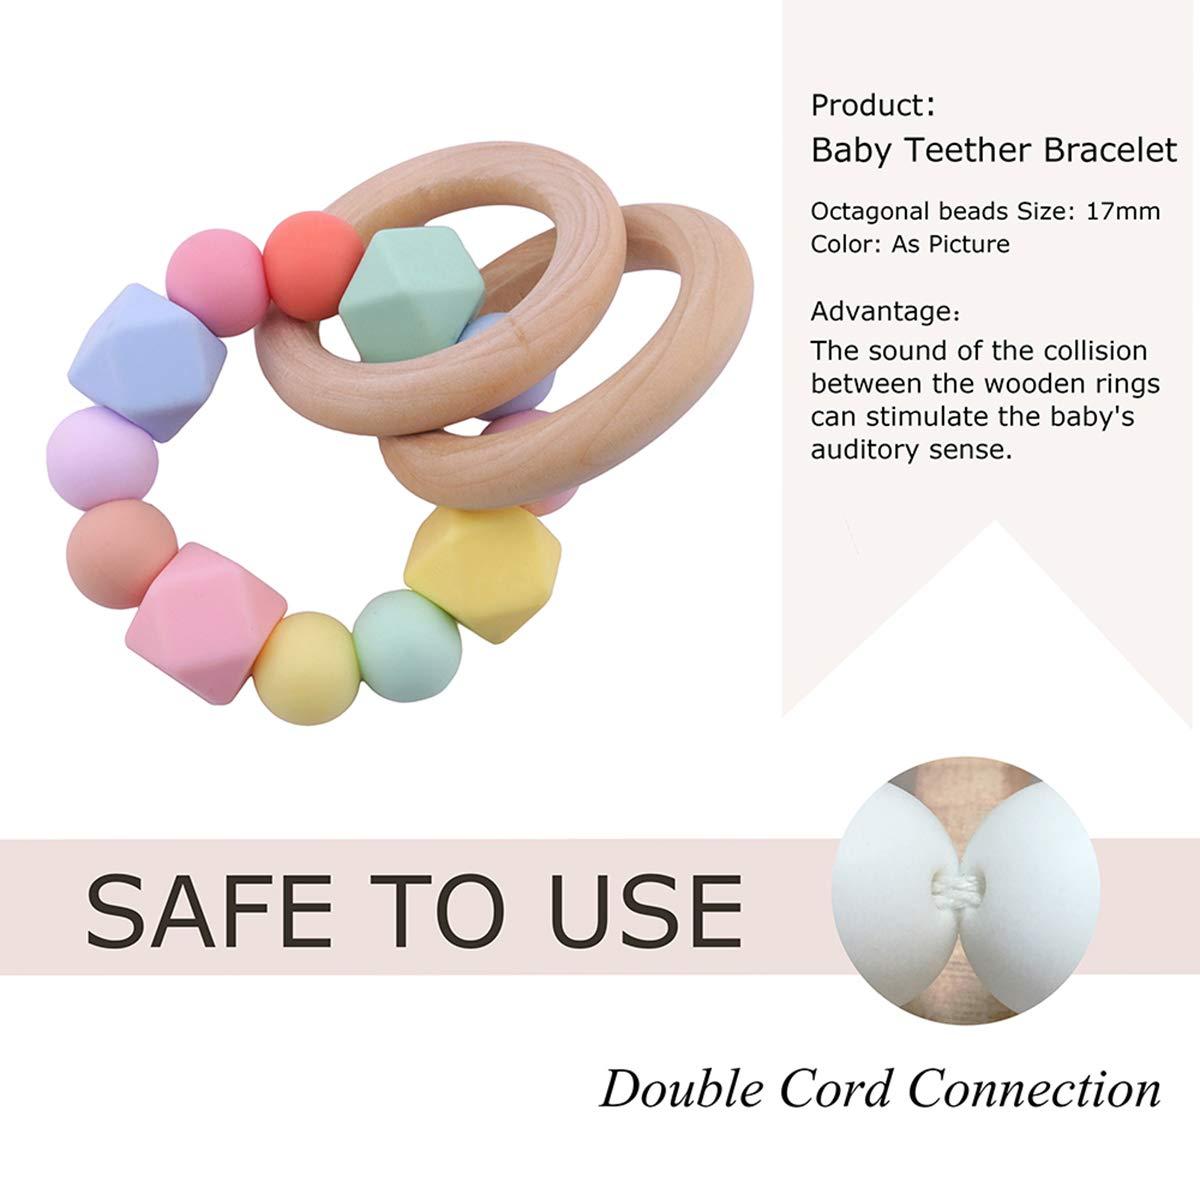 Promise Babe Silikon Perlen Baby Zahnen Nursing Zubeh/ör Armband H/ölzern Ring Montessori Spielzeug Baby Dusche Geschenk Zuhause Spielzeug